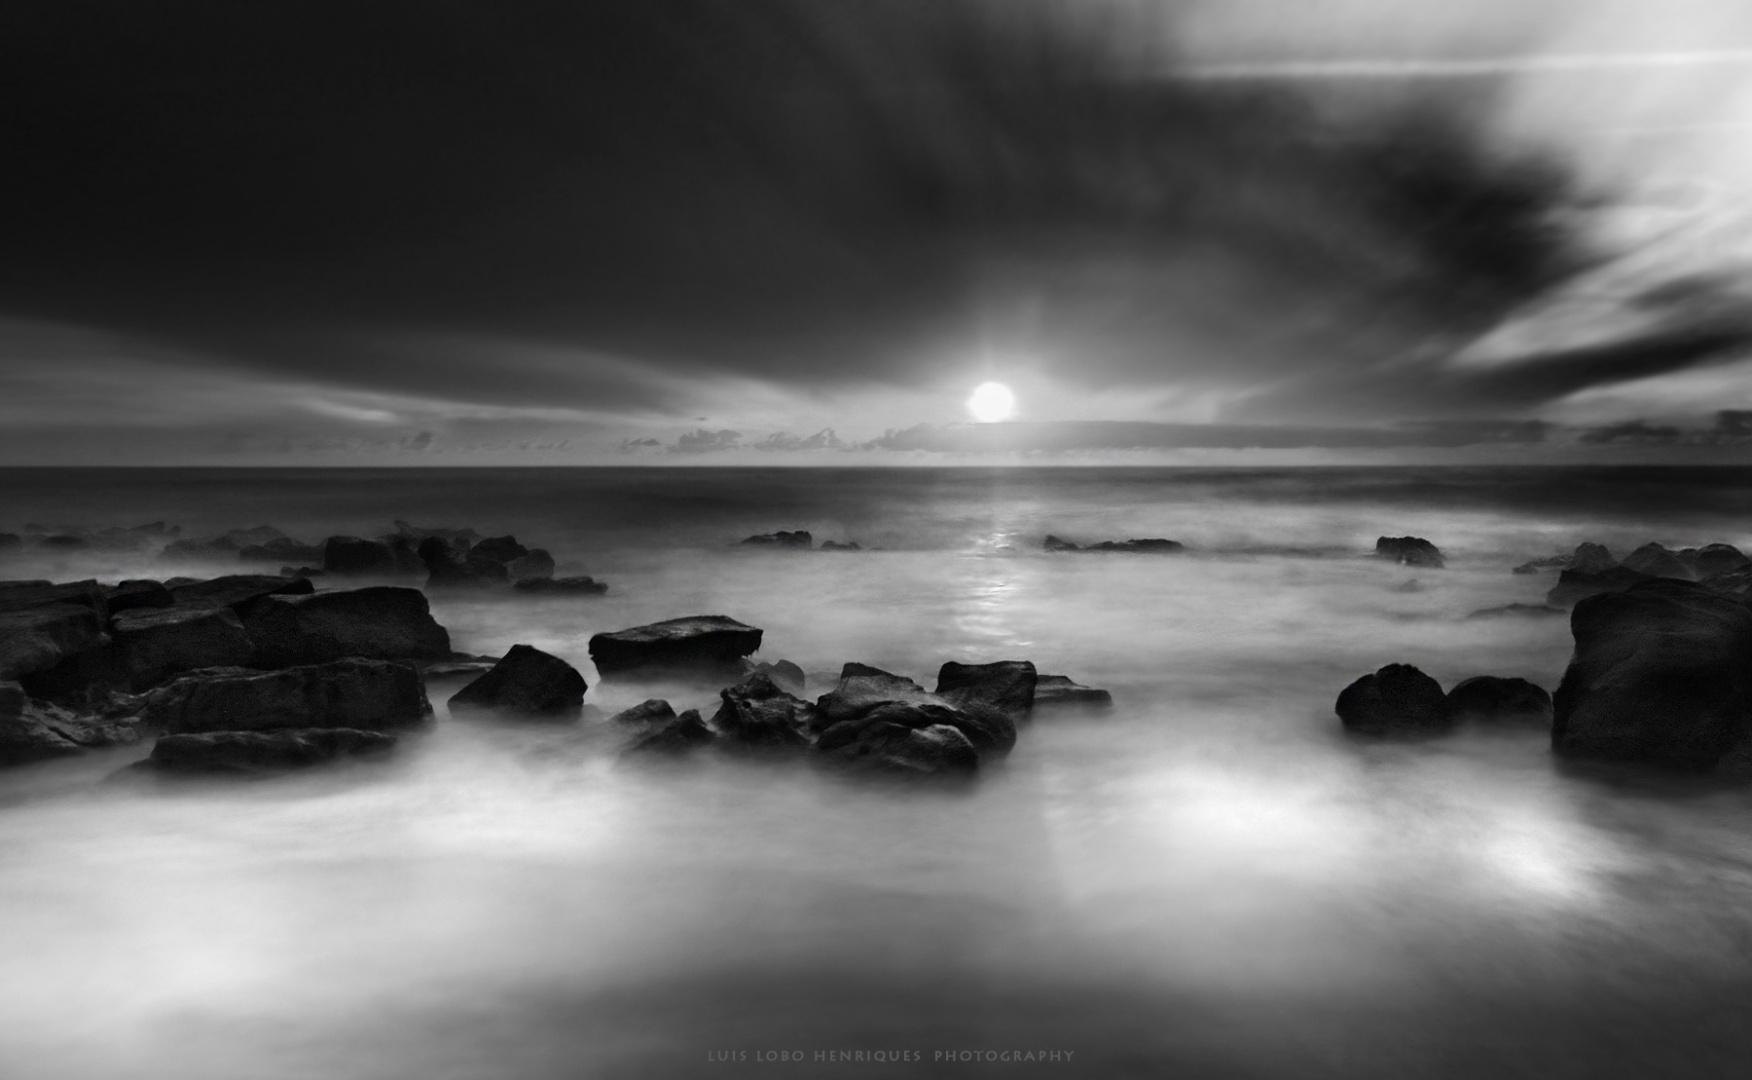 © Luis Lobo Henriques - metade da minha alma é pura maresia